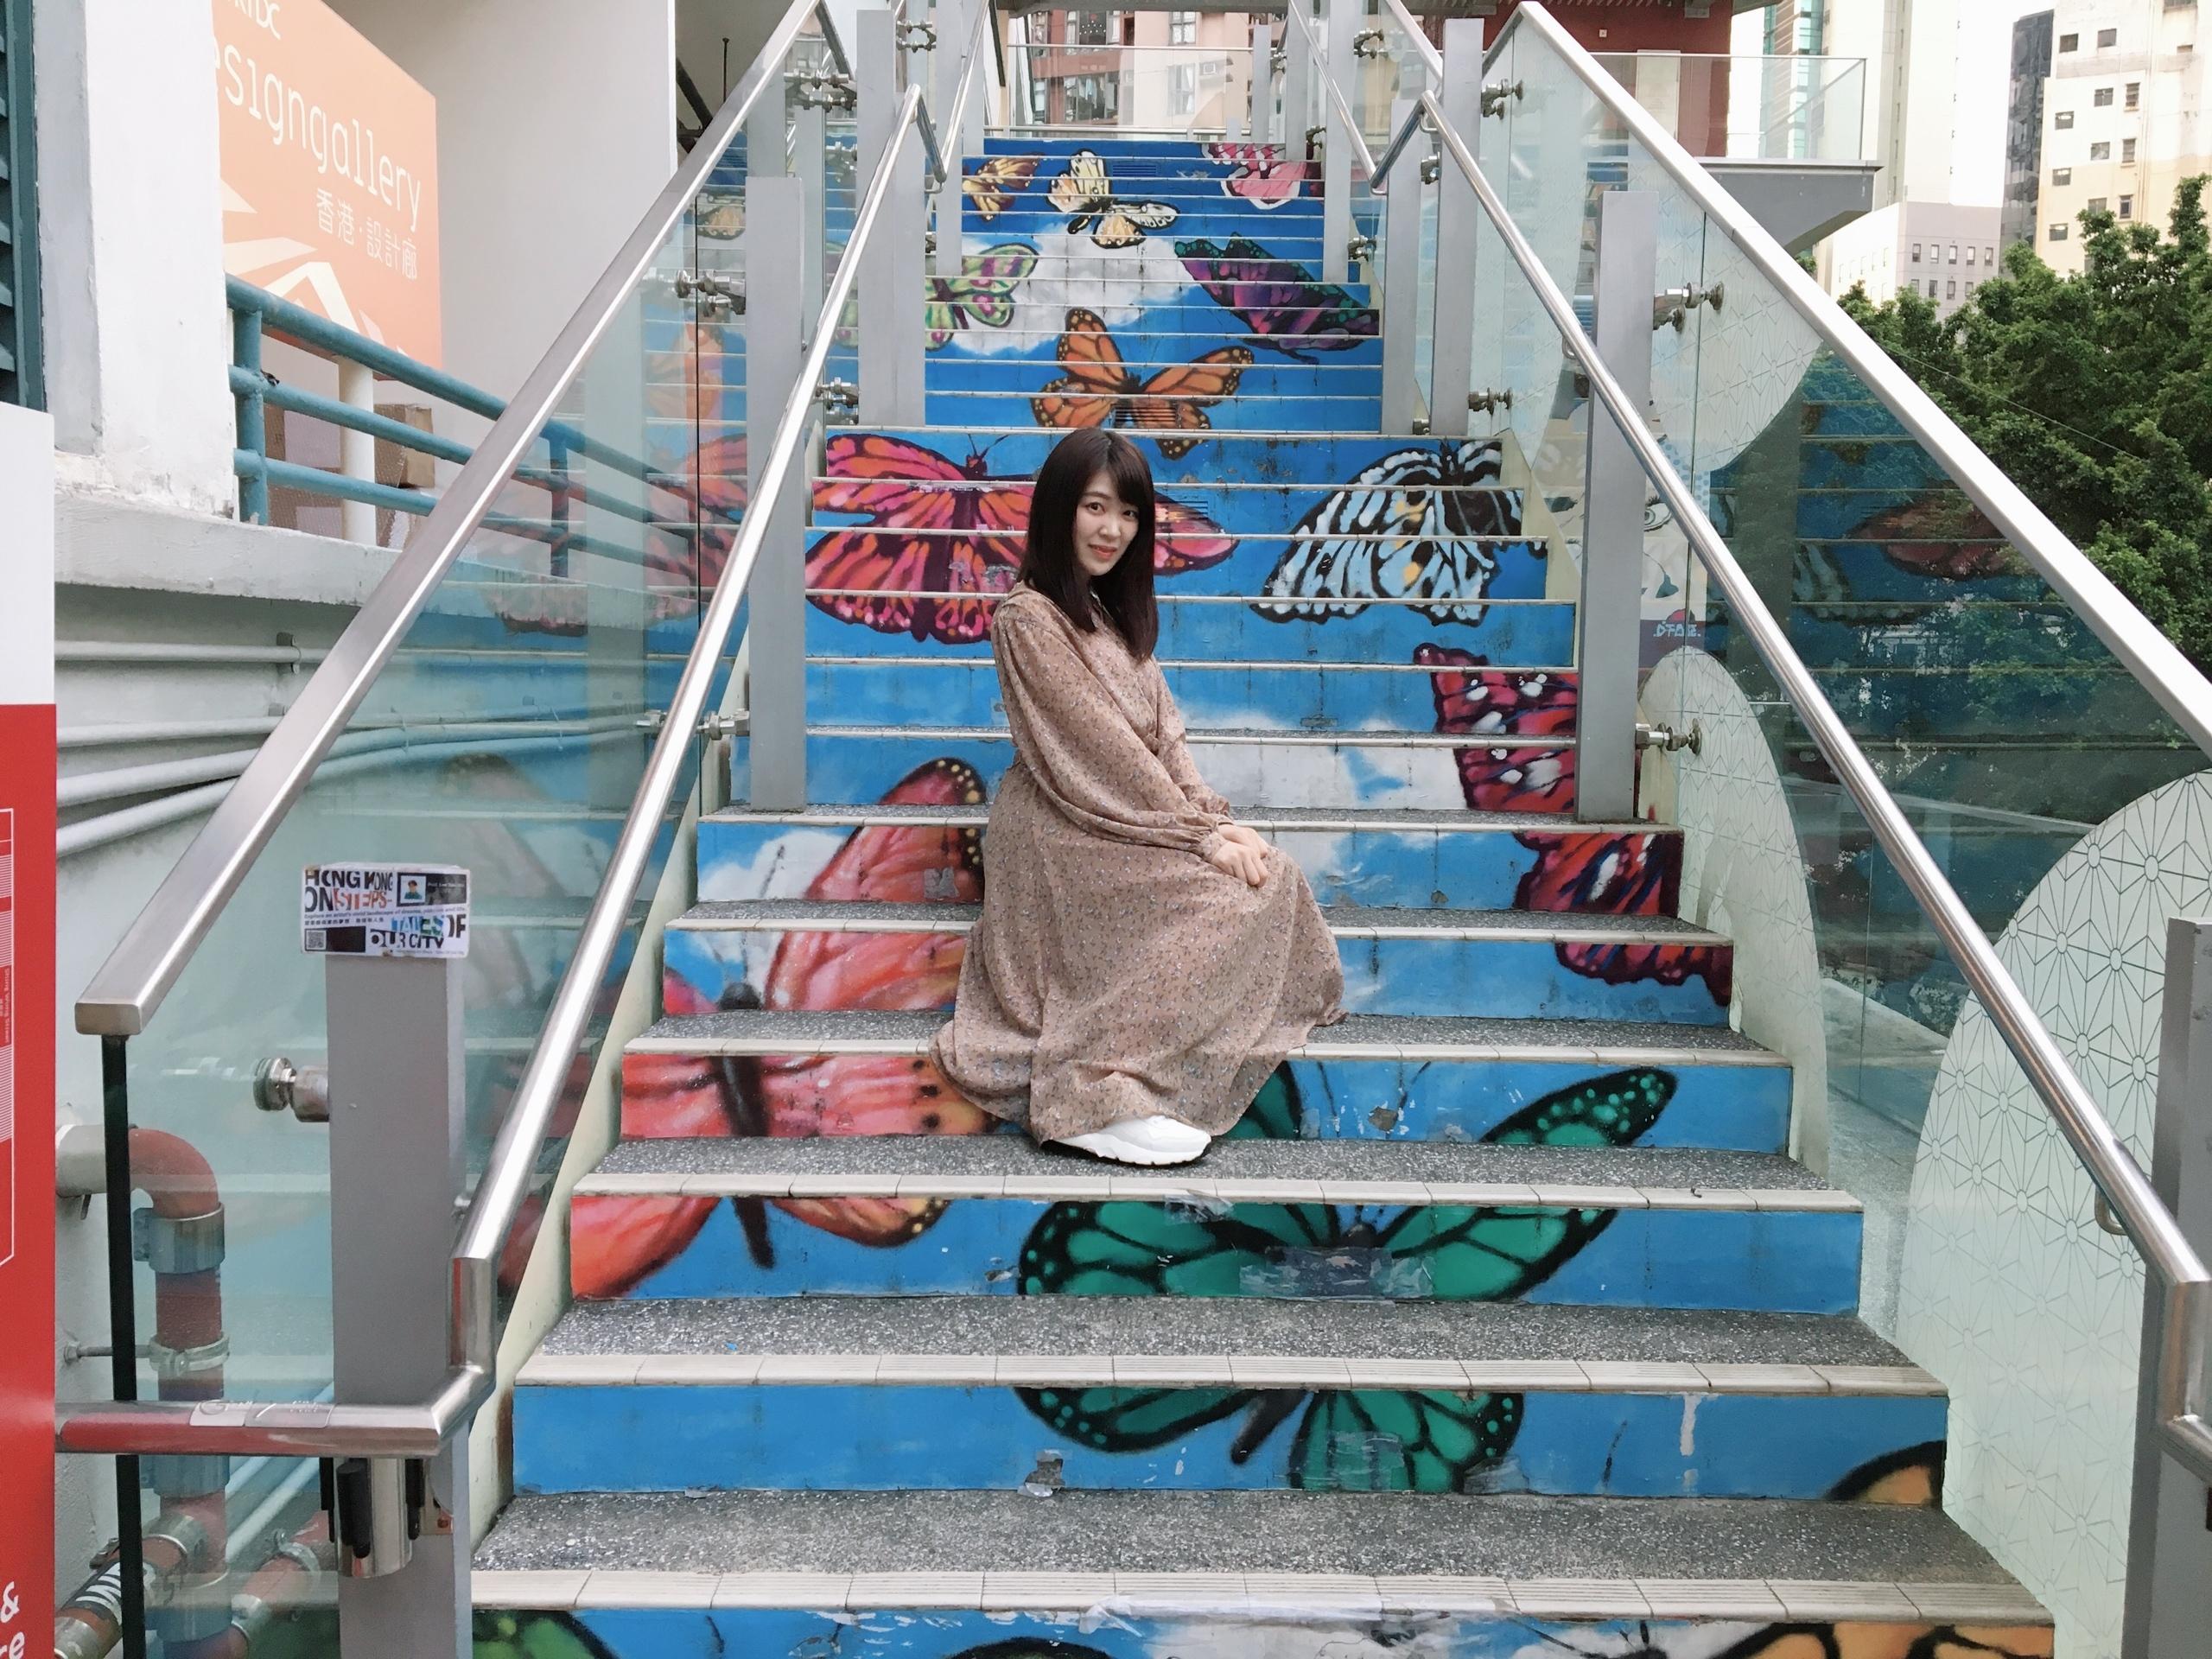 【映える街って本当?】インスタ映えすると話題の香港へ行って来ました♥《前編》_1_19